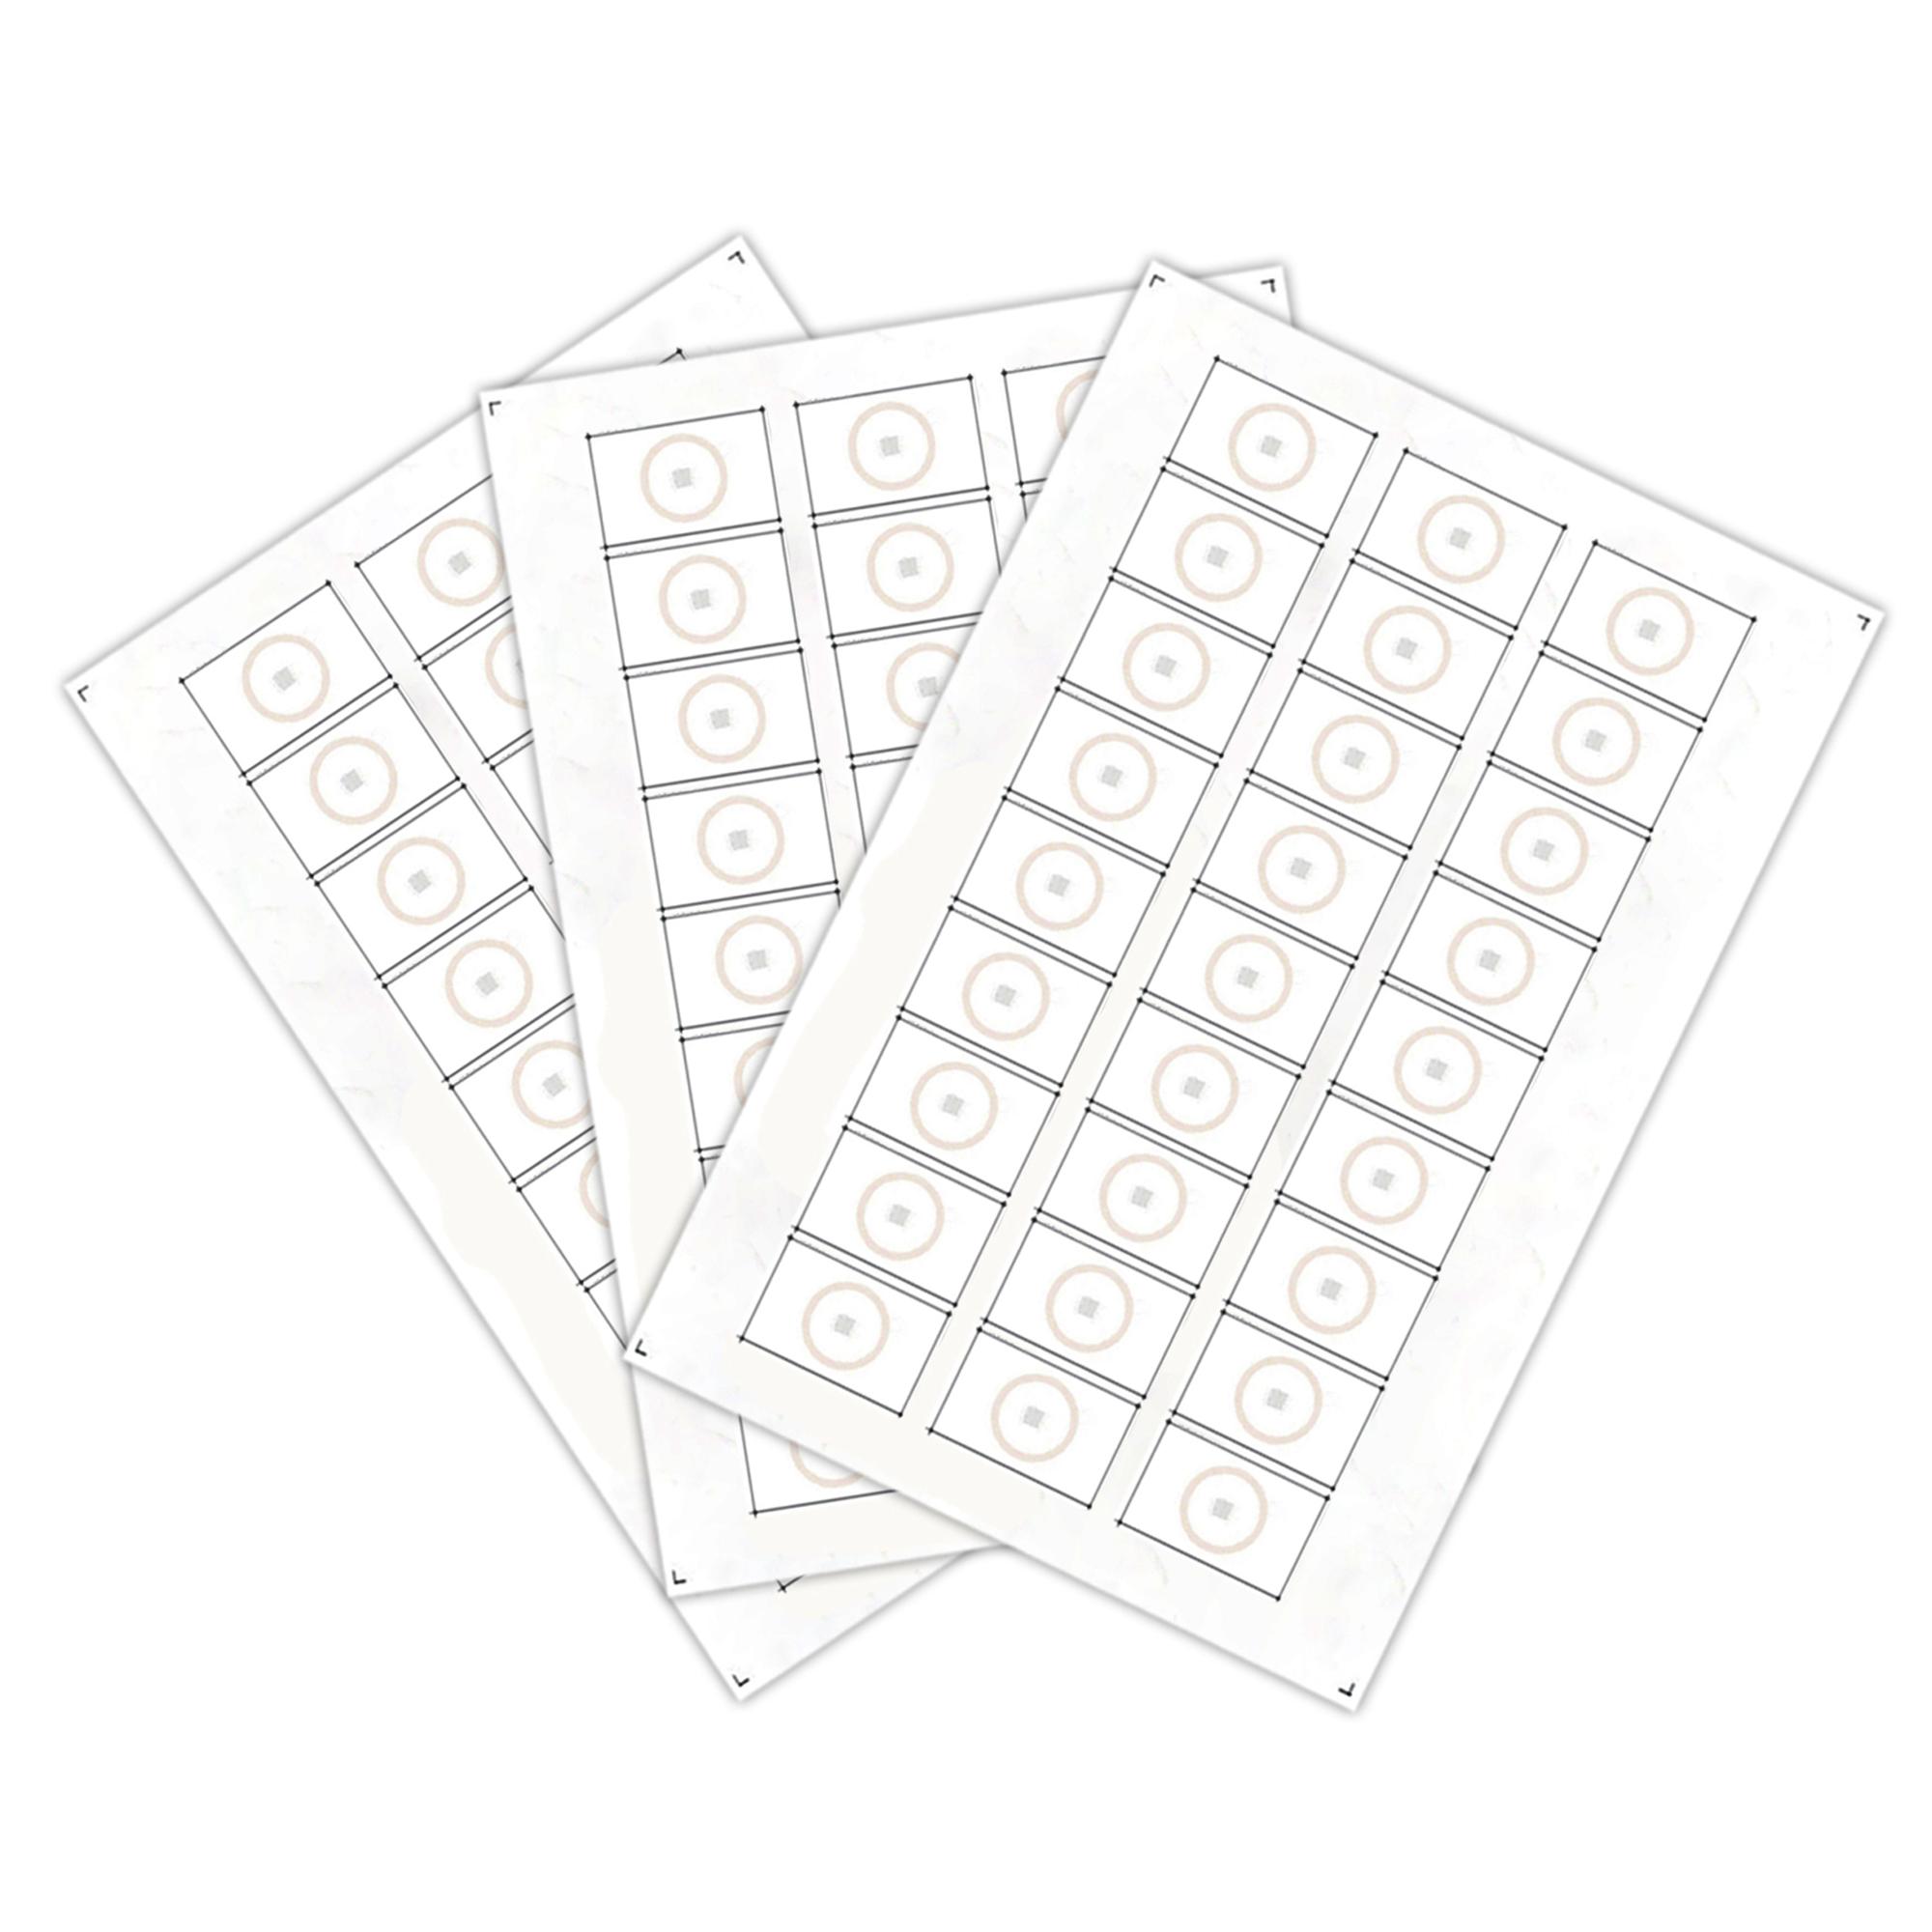 Сырье, инлеи для производства бесконтактных пластиковых RFID-карт с чипом Em-Marine (27 чипов на листе формата A4)